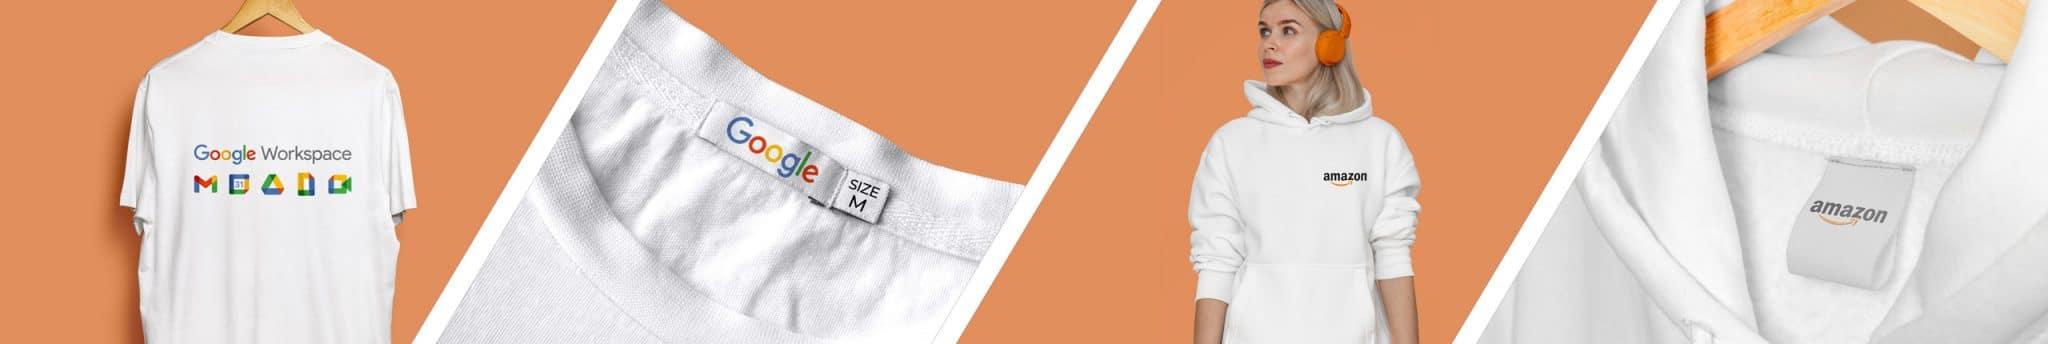 Guantes para Pantallas Táctiles